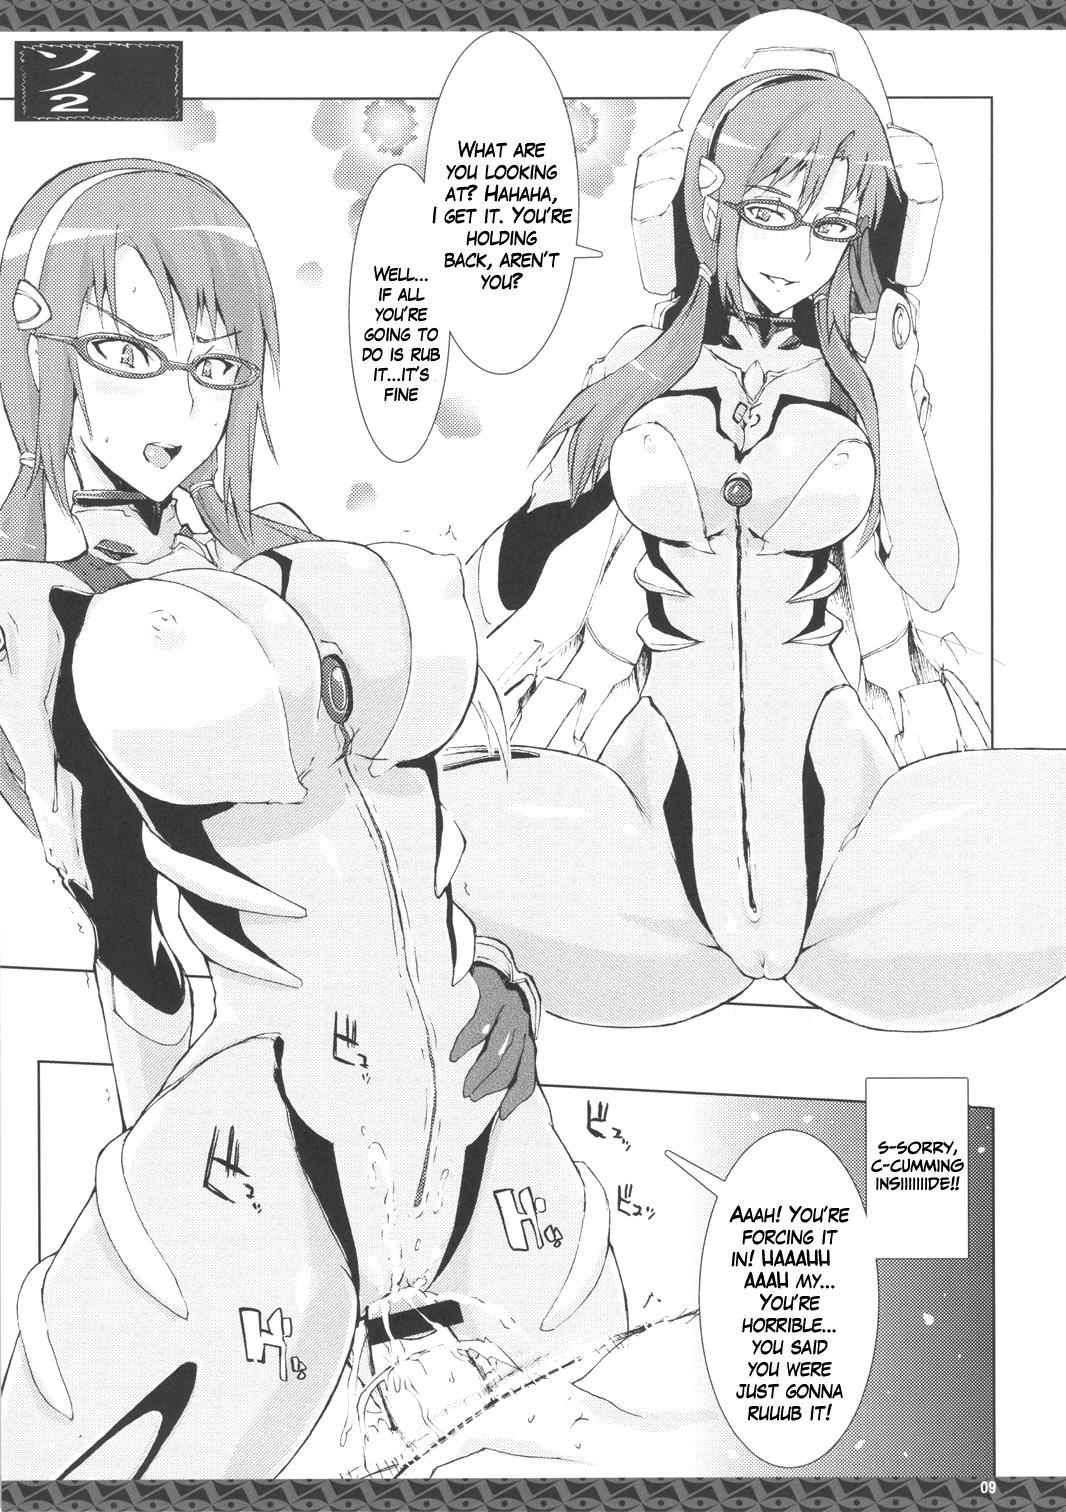 Toaru Anime no Yorozu Hon 8